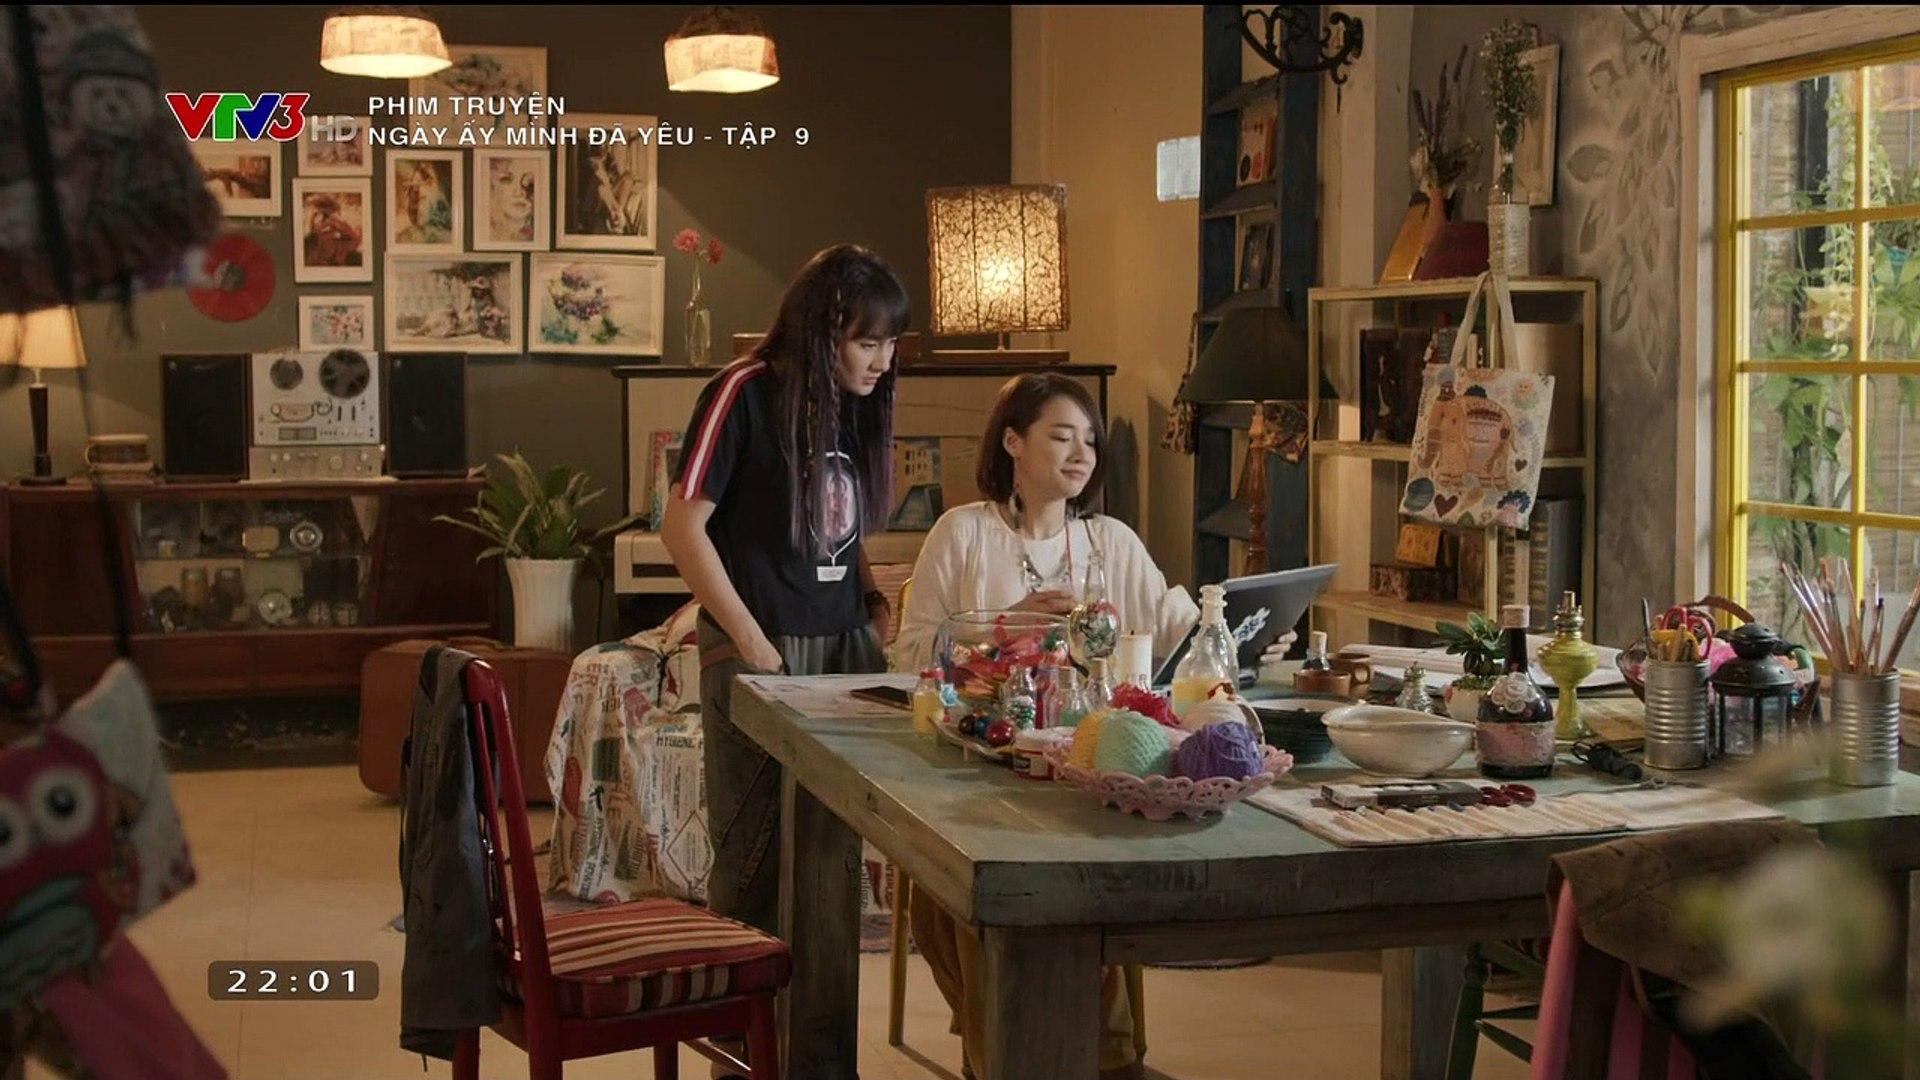 Phim Truyện | Ngày Ấy Mình Đã Yêu Tập 9 (9/7/2018) - Ngay Ay Minh Da Yeu 9